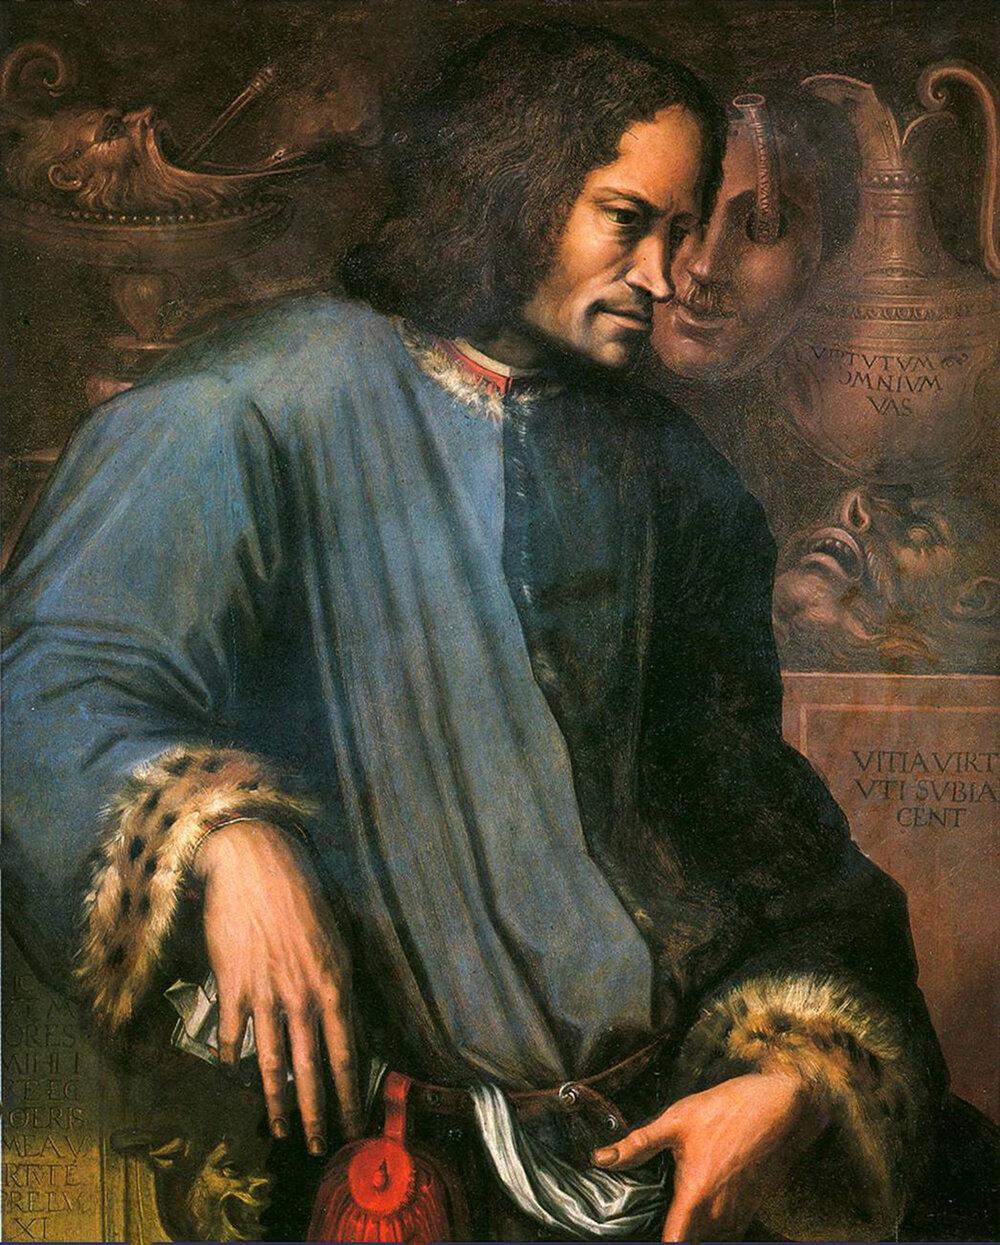 Джорджо Вазарі, «Портрет Лоренцо Розкішного», 1533, Галерея Уффіці (Флоренція, Італія)